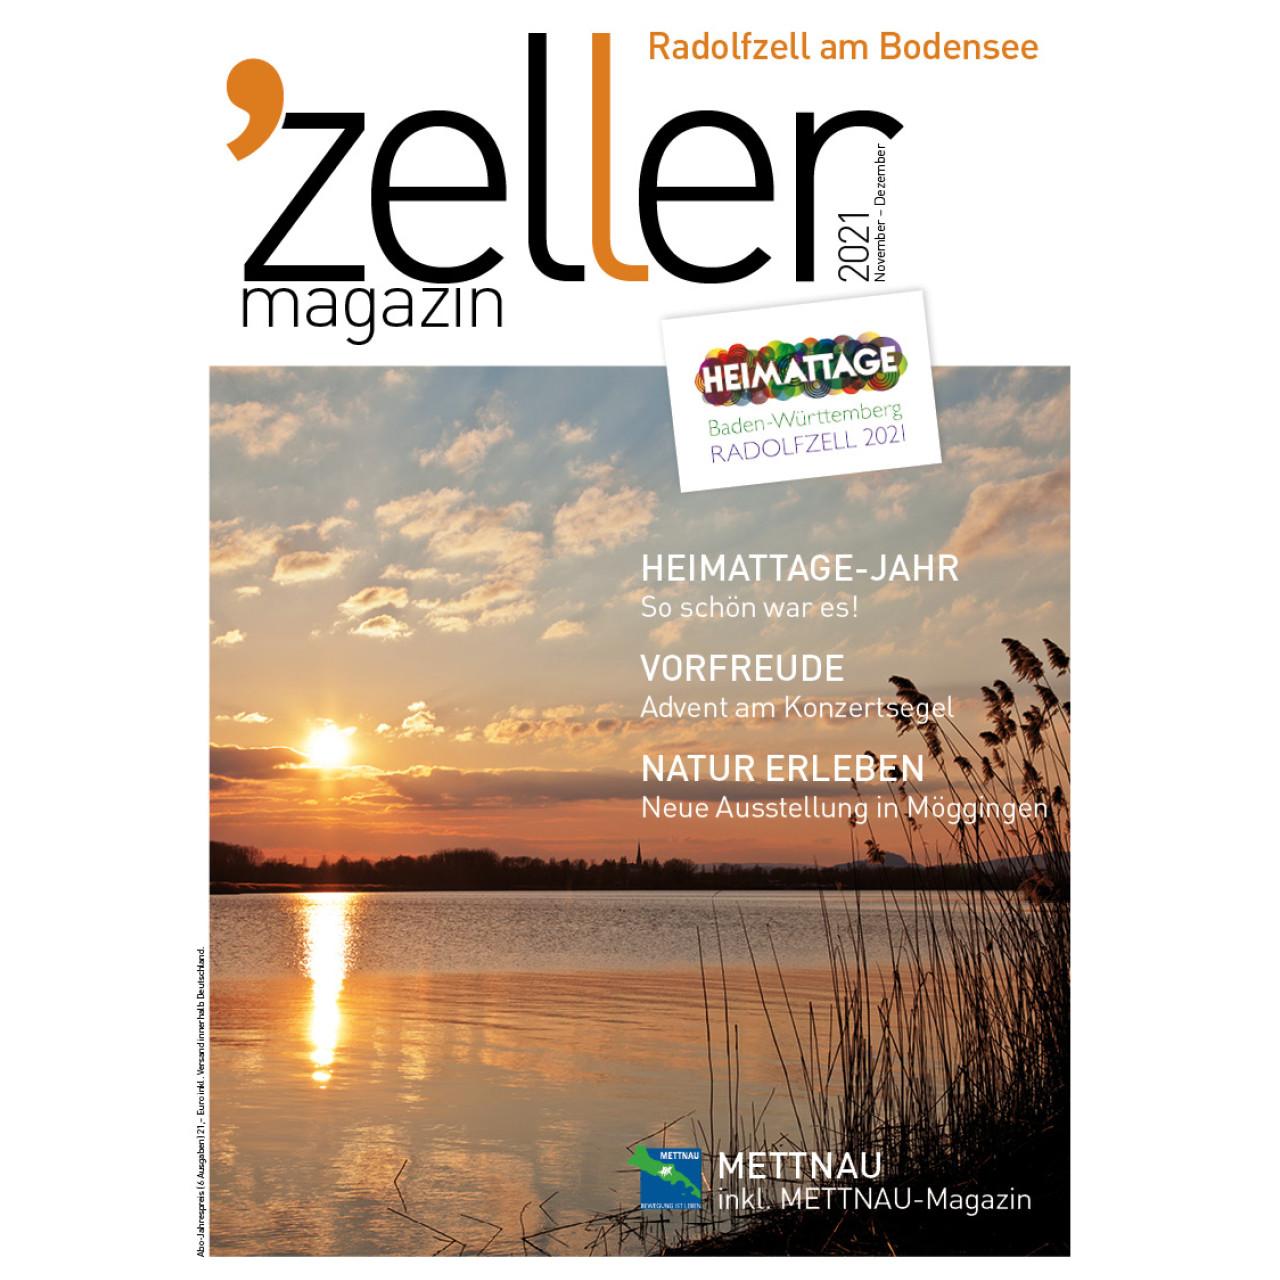 zeller 5/2018